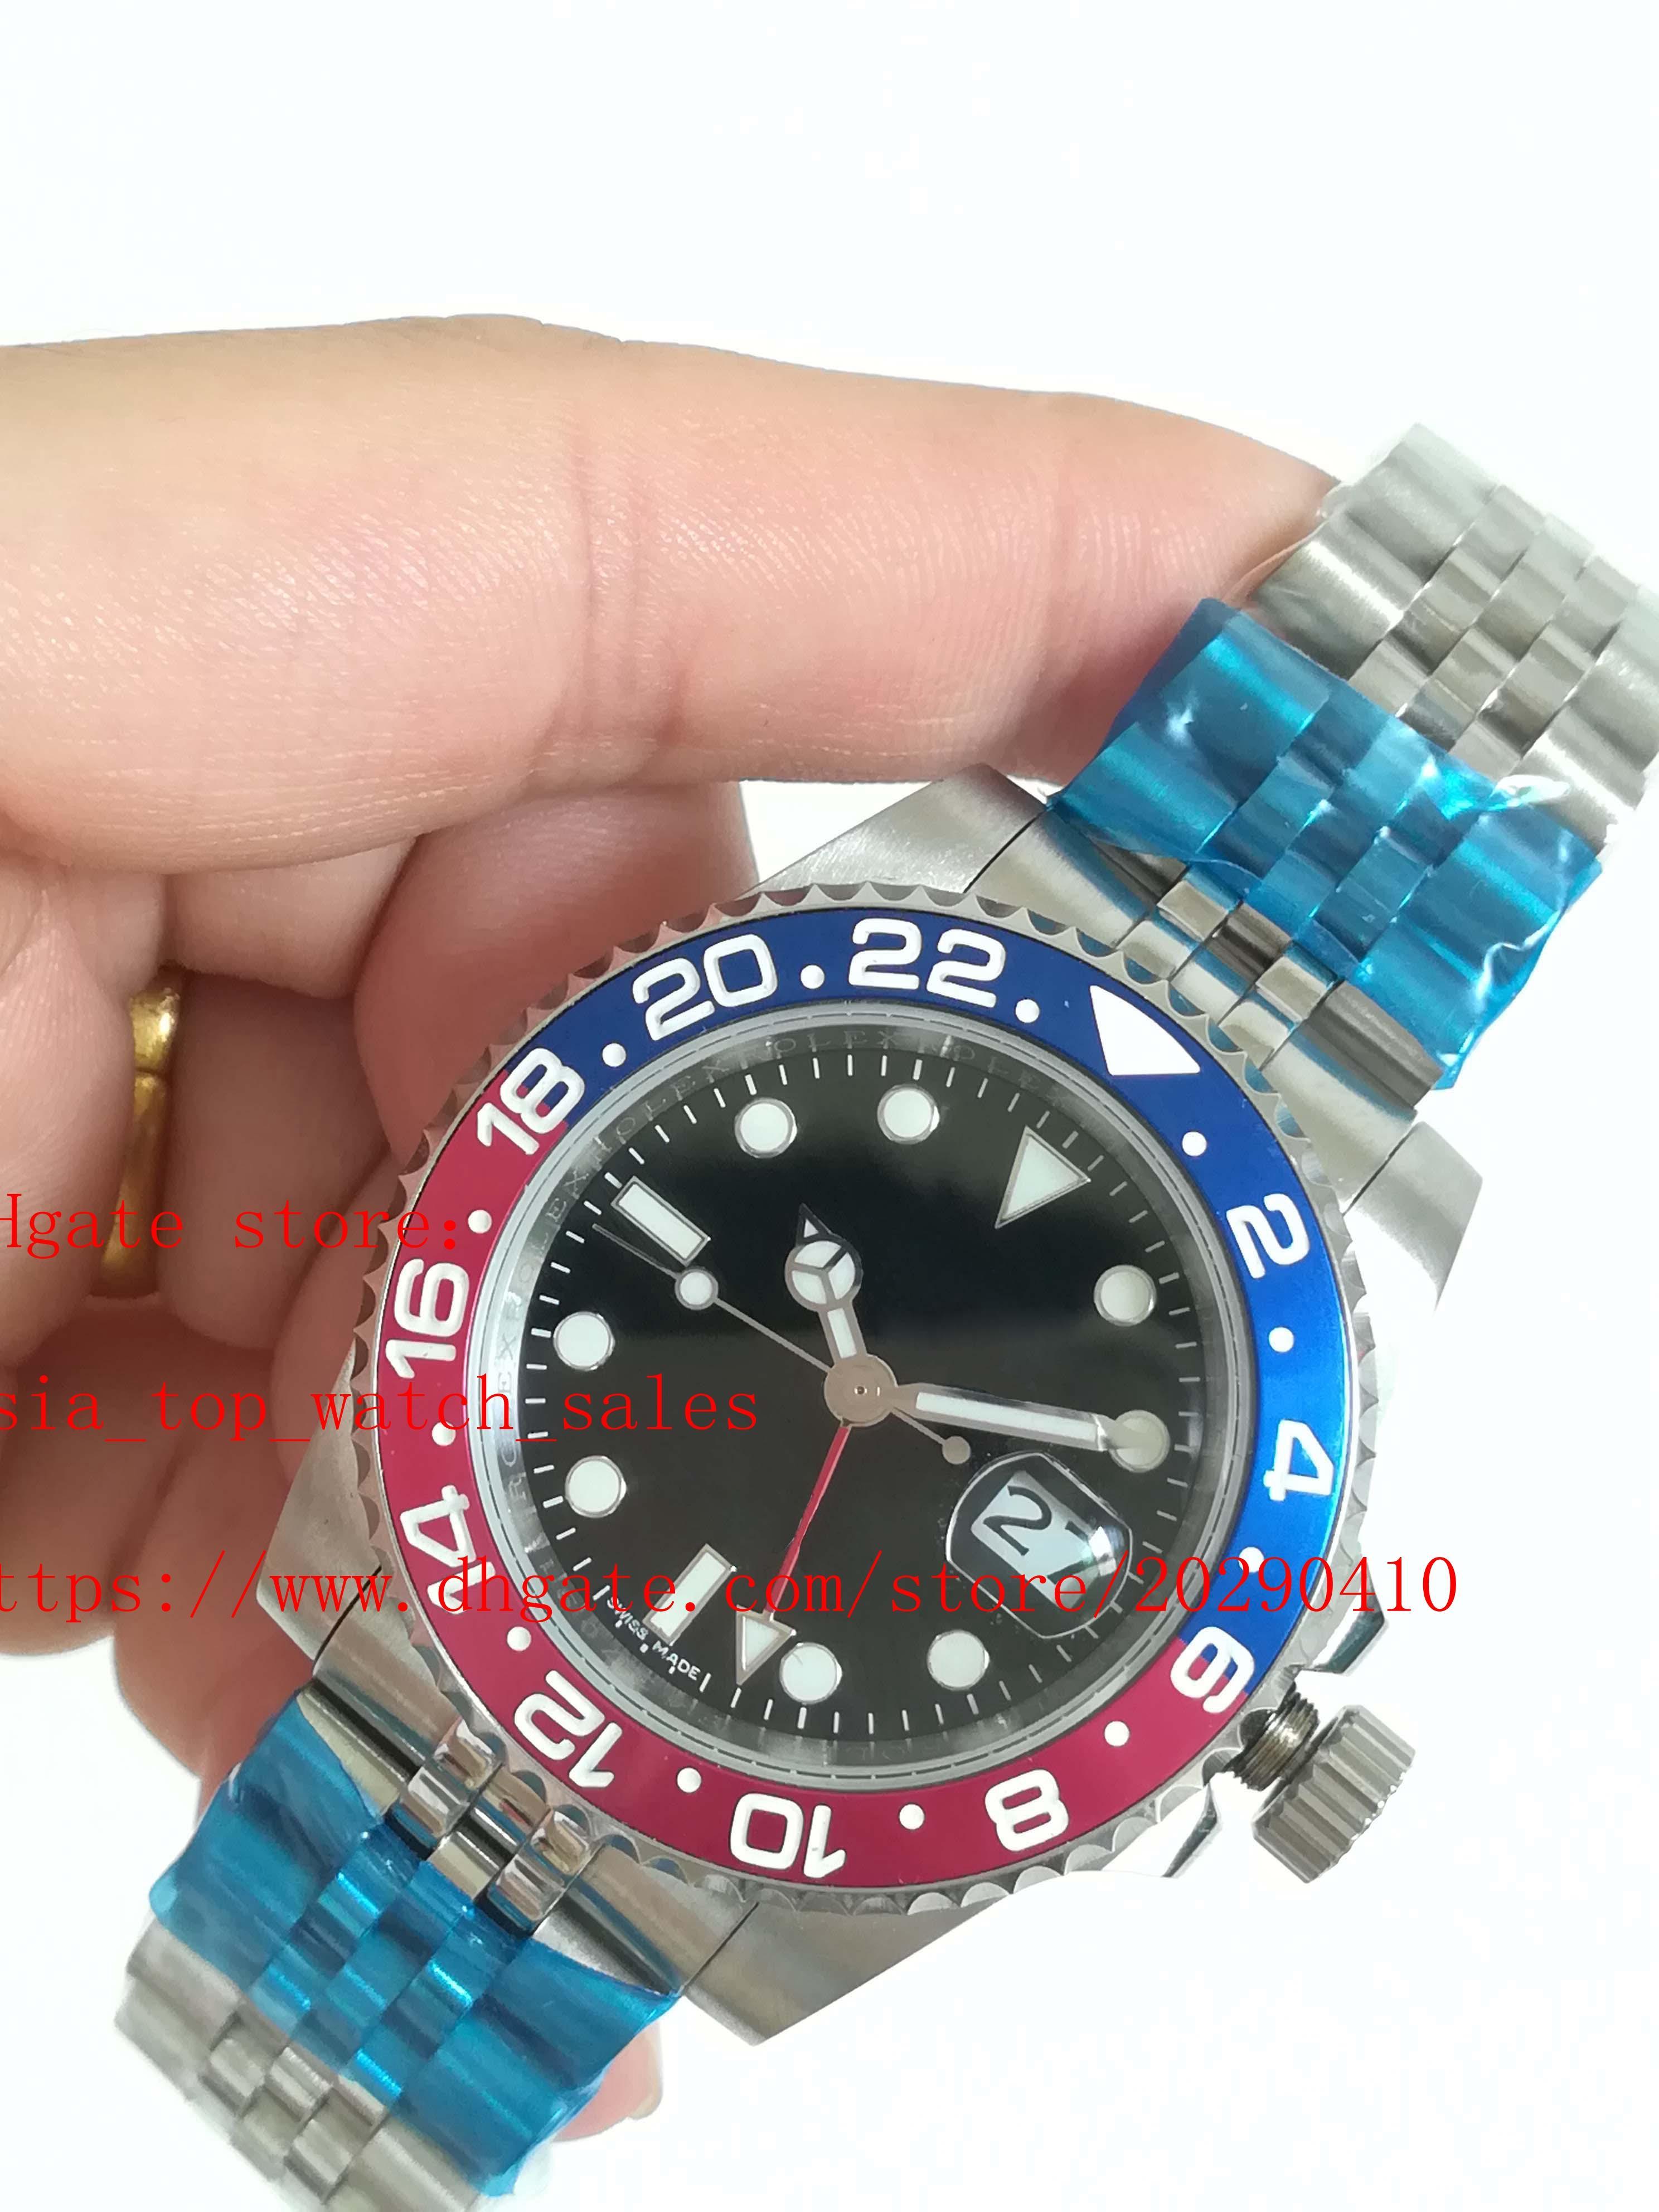 Topselling 5 Стили Высокое Качество Юбилейный Браслет Часы 40 мм GMT 126710BLRO Авто ASIA 2813 Движение Автоматическая Бизнес Мужская одежда Часов